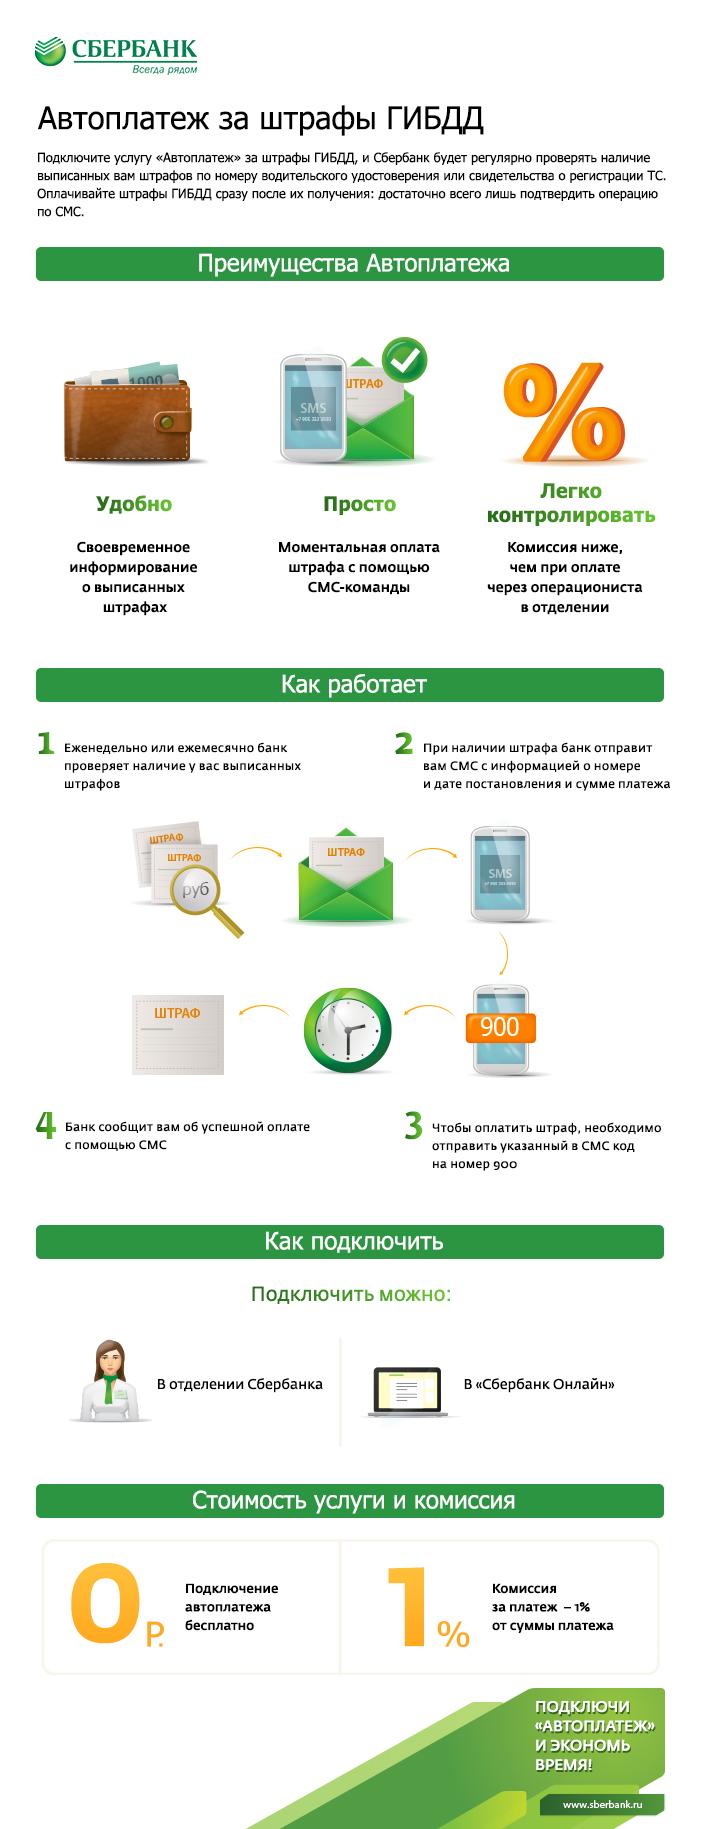 Оплата штрафов гаи украина